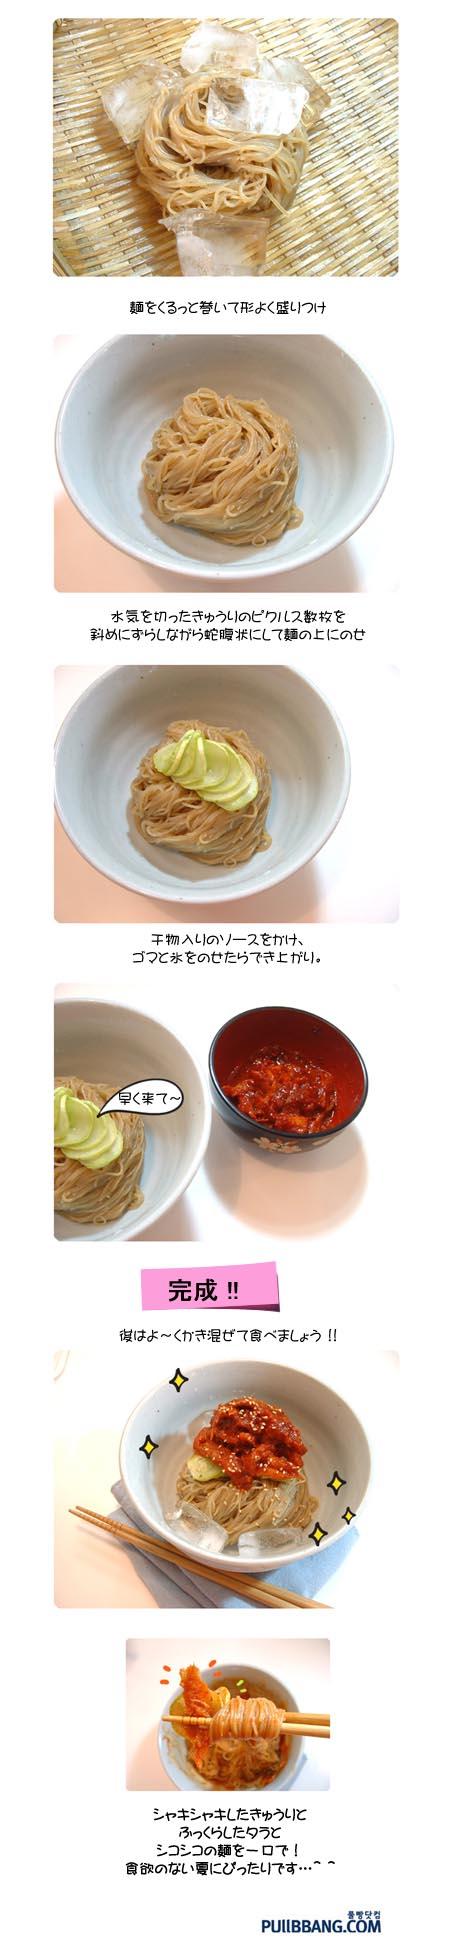 ポネンミョン(冷麺)